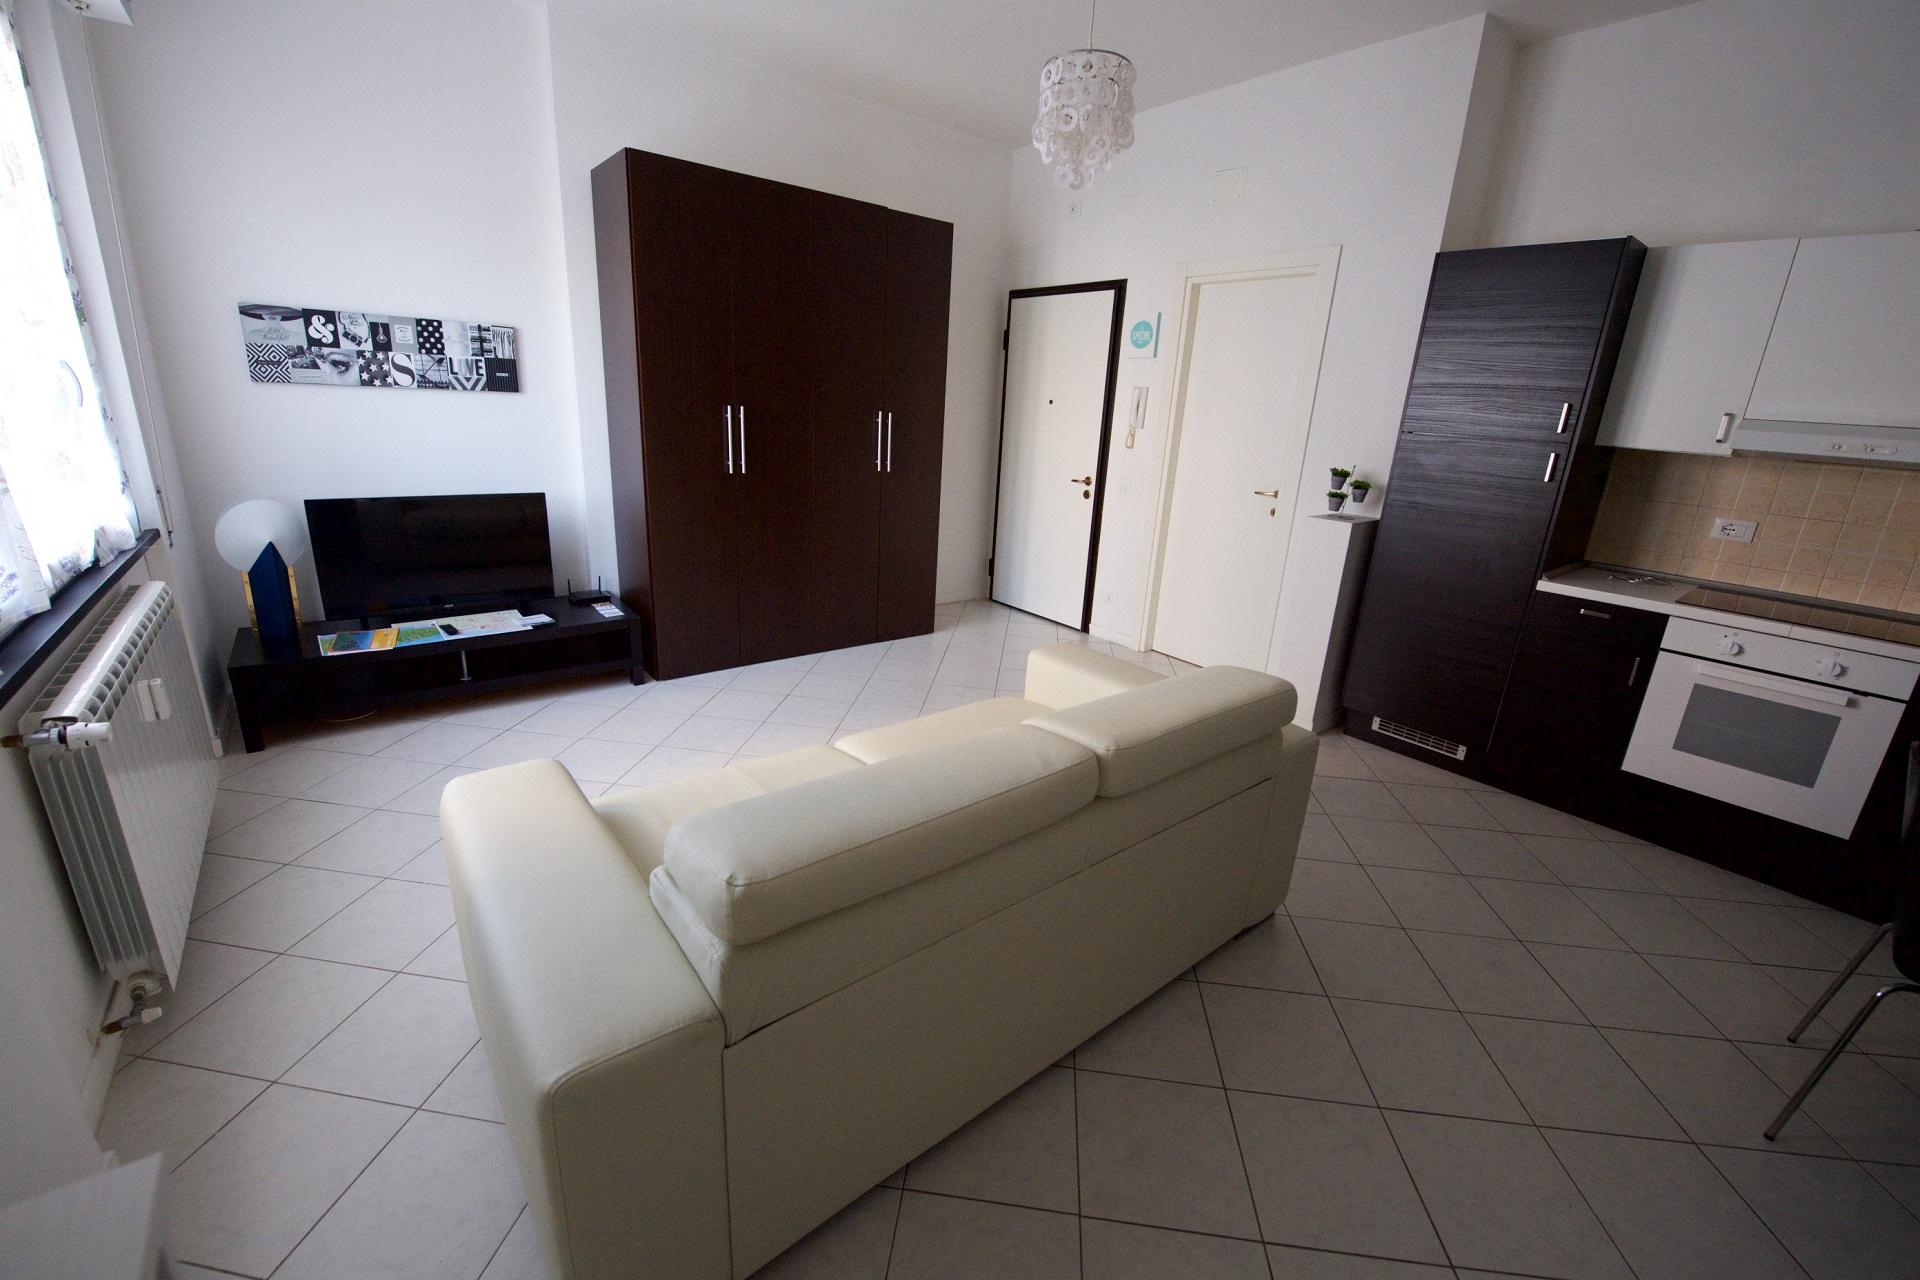 Appartamenti in affitto albissola appartamenti casalice for Affitto monolocale